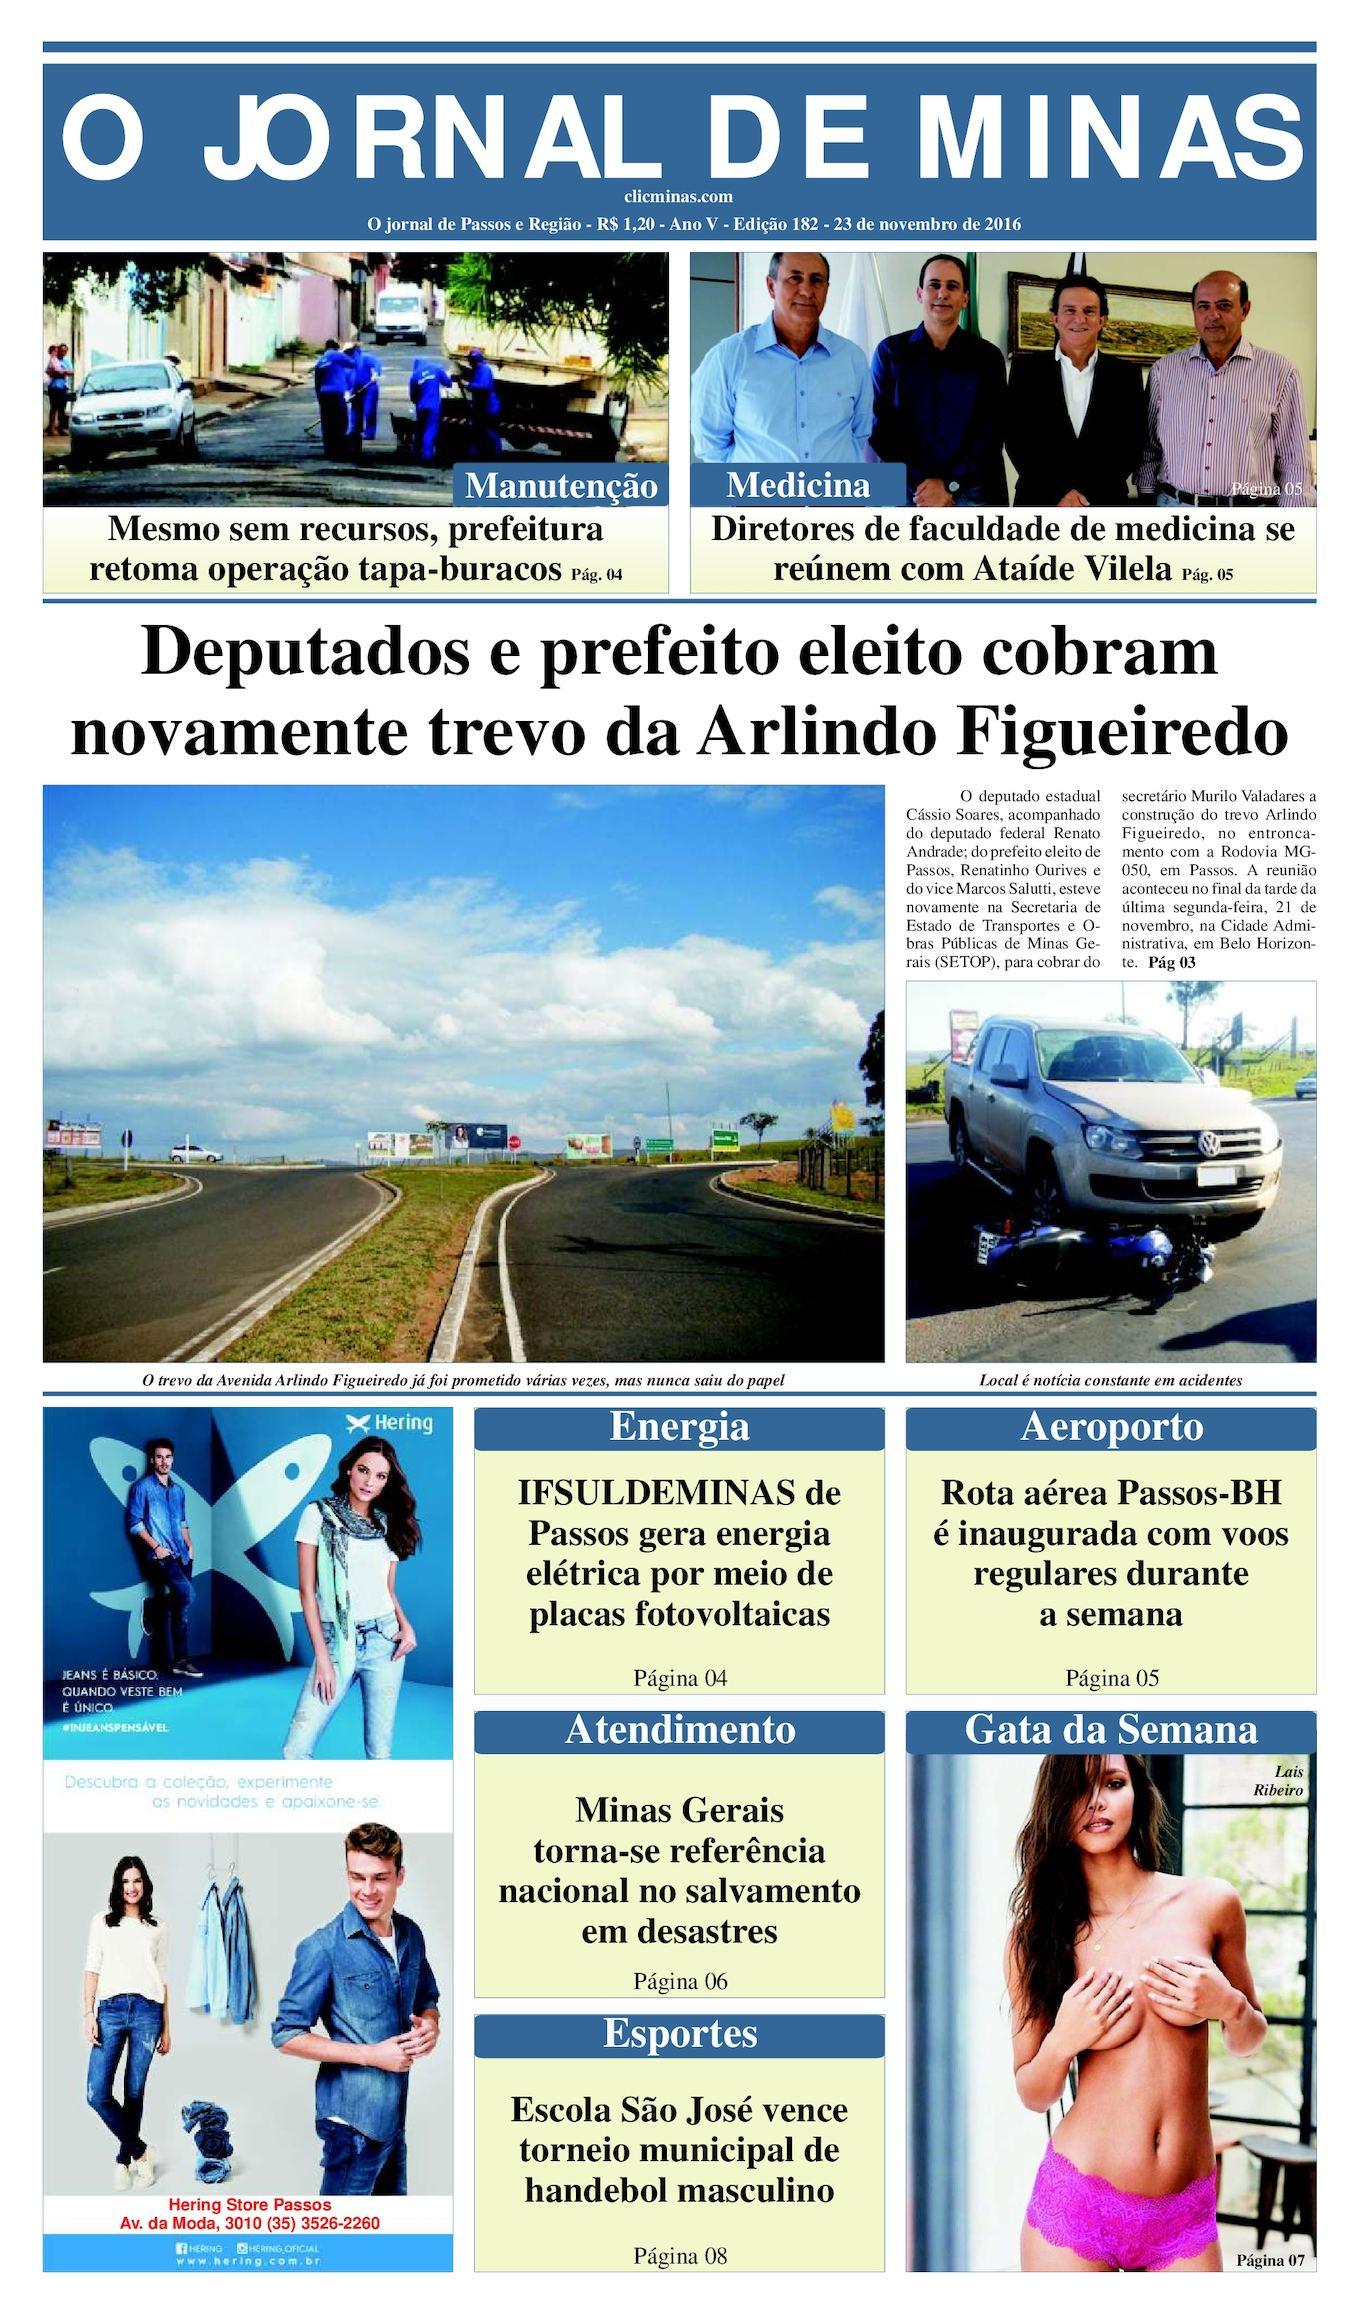 71a98f6f18 Calaméo - O Jornal De Minas Edição 182 De 23 De Novembro De 2016